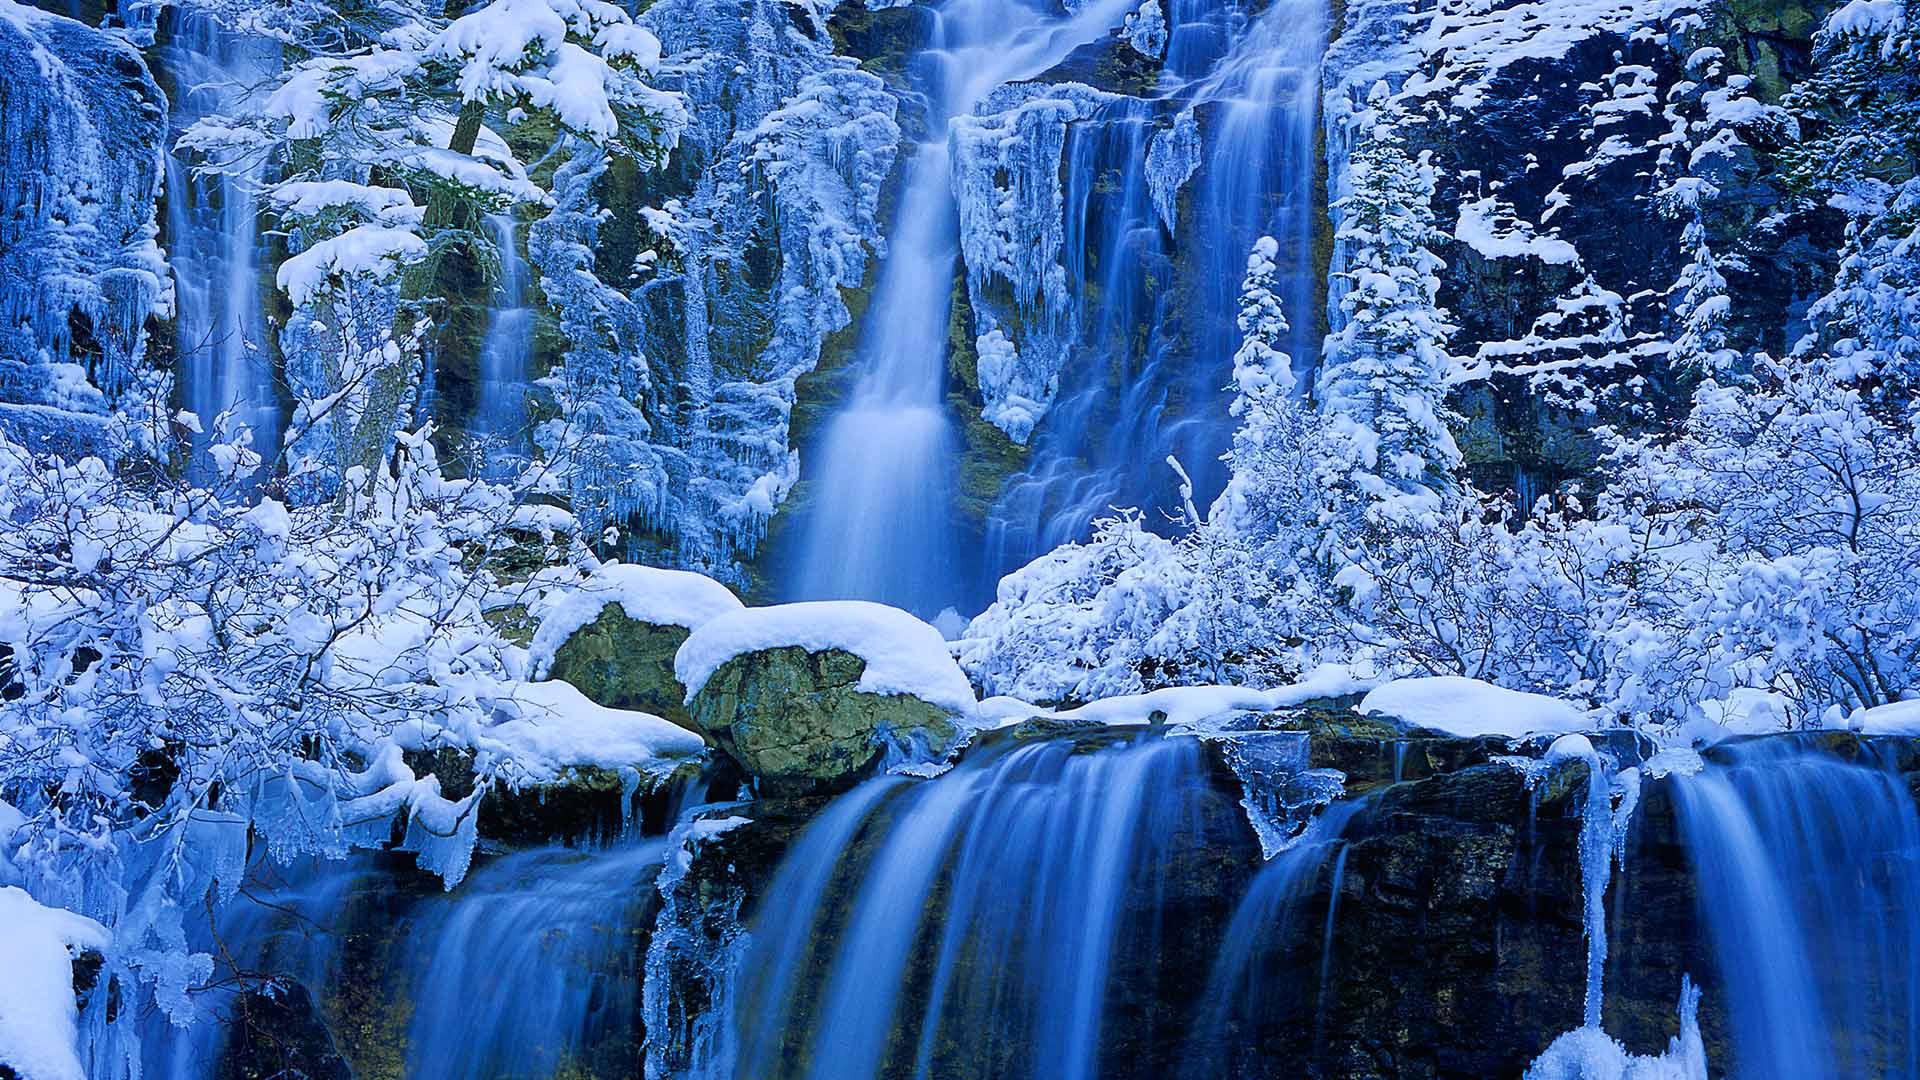 предыдущему опыту живые картинки на комп зима действительна при